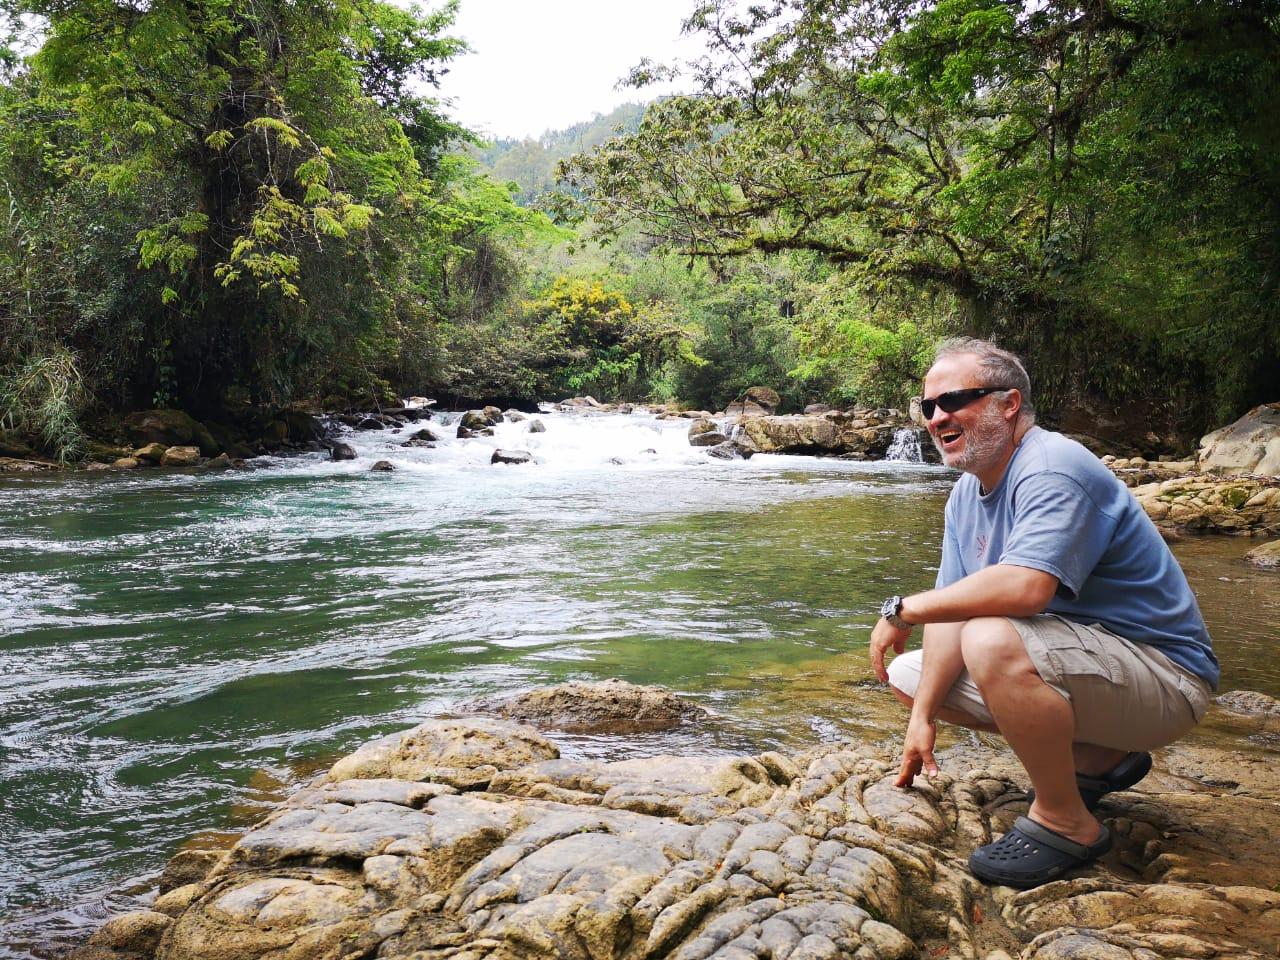 Jorge Moller, de la ONG Regenera evaluando Río Cahabón, en Alta Verapaz, uno de los sitios que pueden ser ancla del turismo sostenible. (Foto Prensa Libre: Cortesía Inguat)